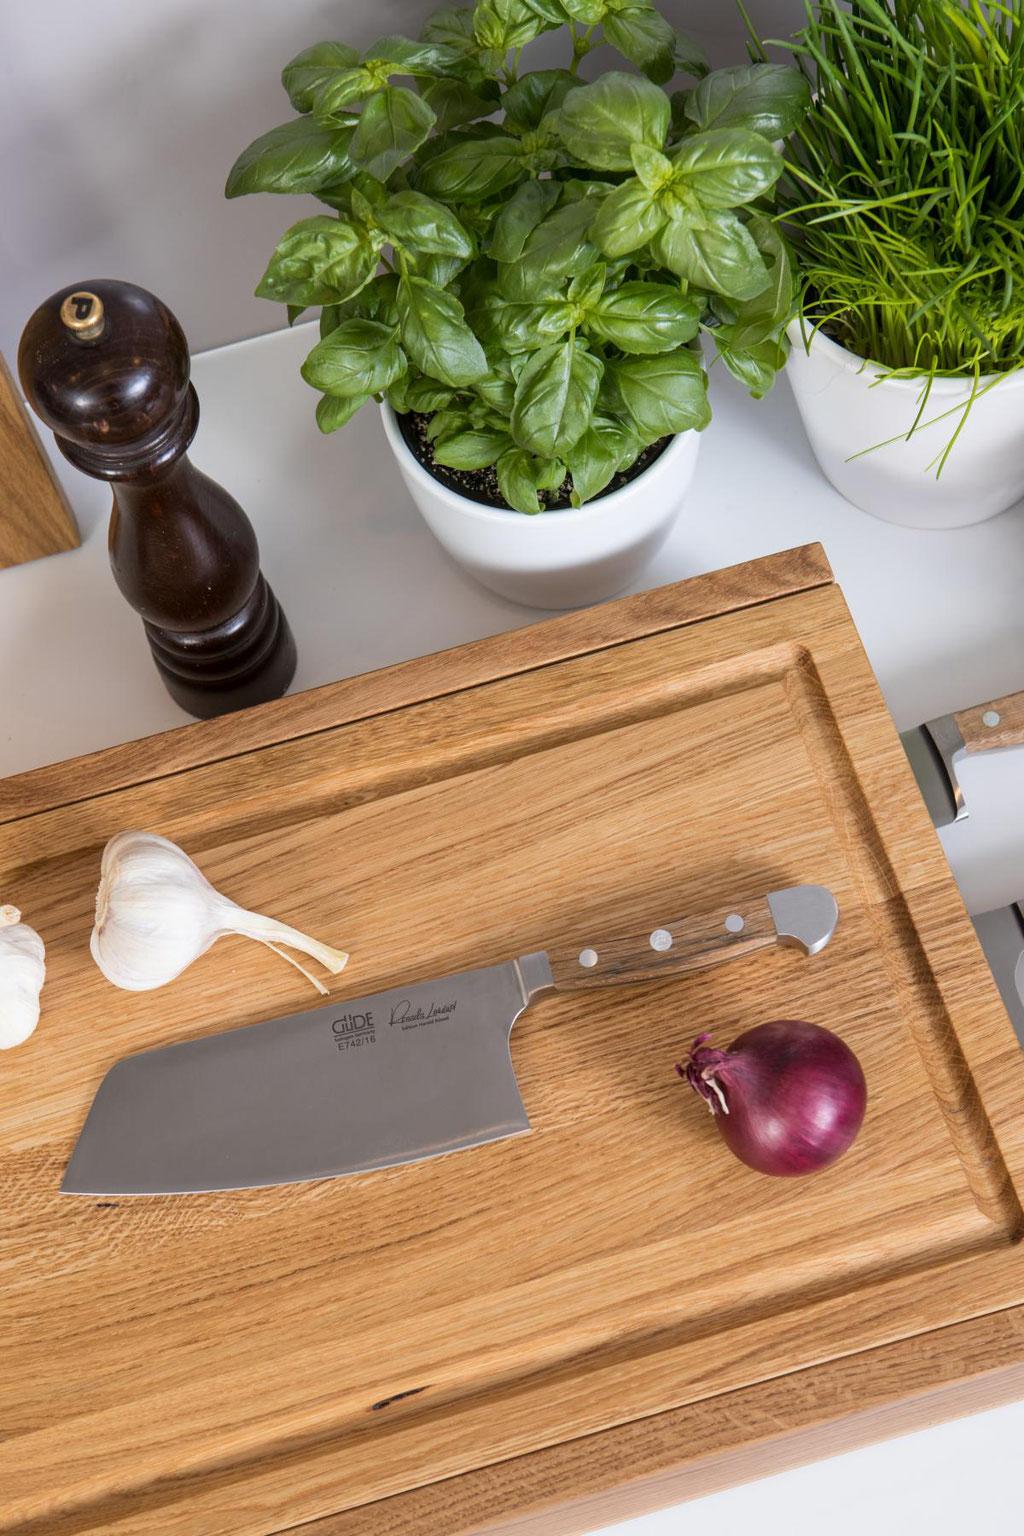 Jack und Lucy Workstation ONE das multifunktionelle Schneidebrett optimiert den Workflow in Deiner Küche, handgemacht aus Eiche